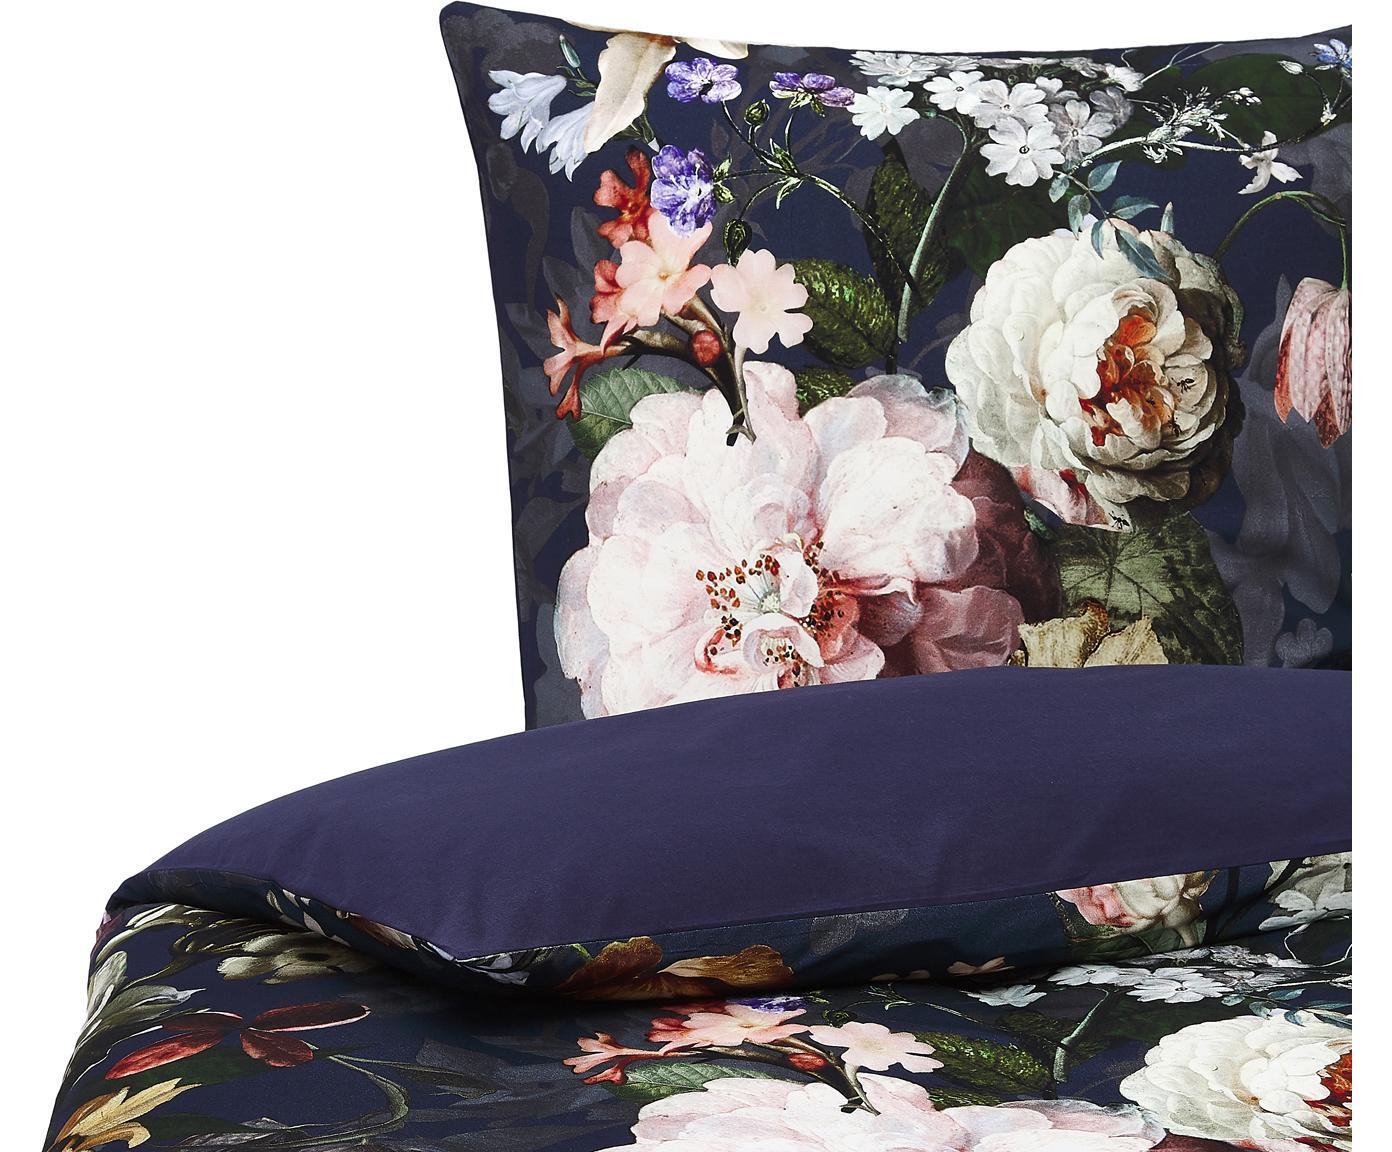 Flanell-Bettwäsche Fleurel mit Blumen-Muster, Webart: Flanell Fadendichte 144 T, Dunkelblau, Mehrfarbig, 135 x 200 cm + 1 Kissen 80 x 80 cm